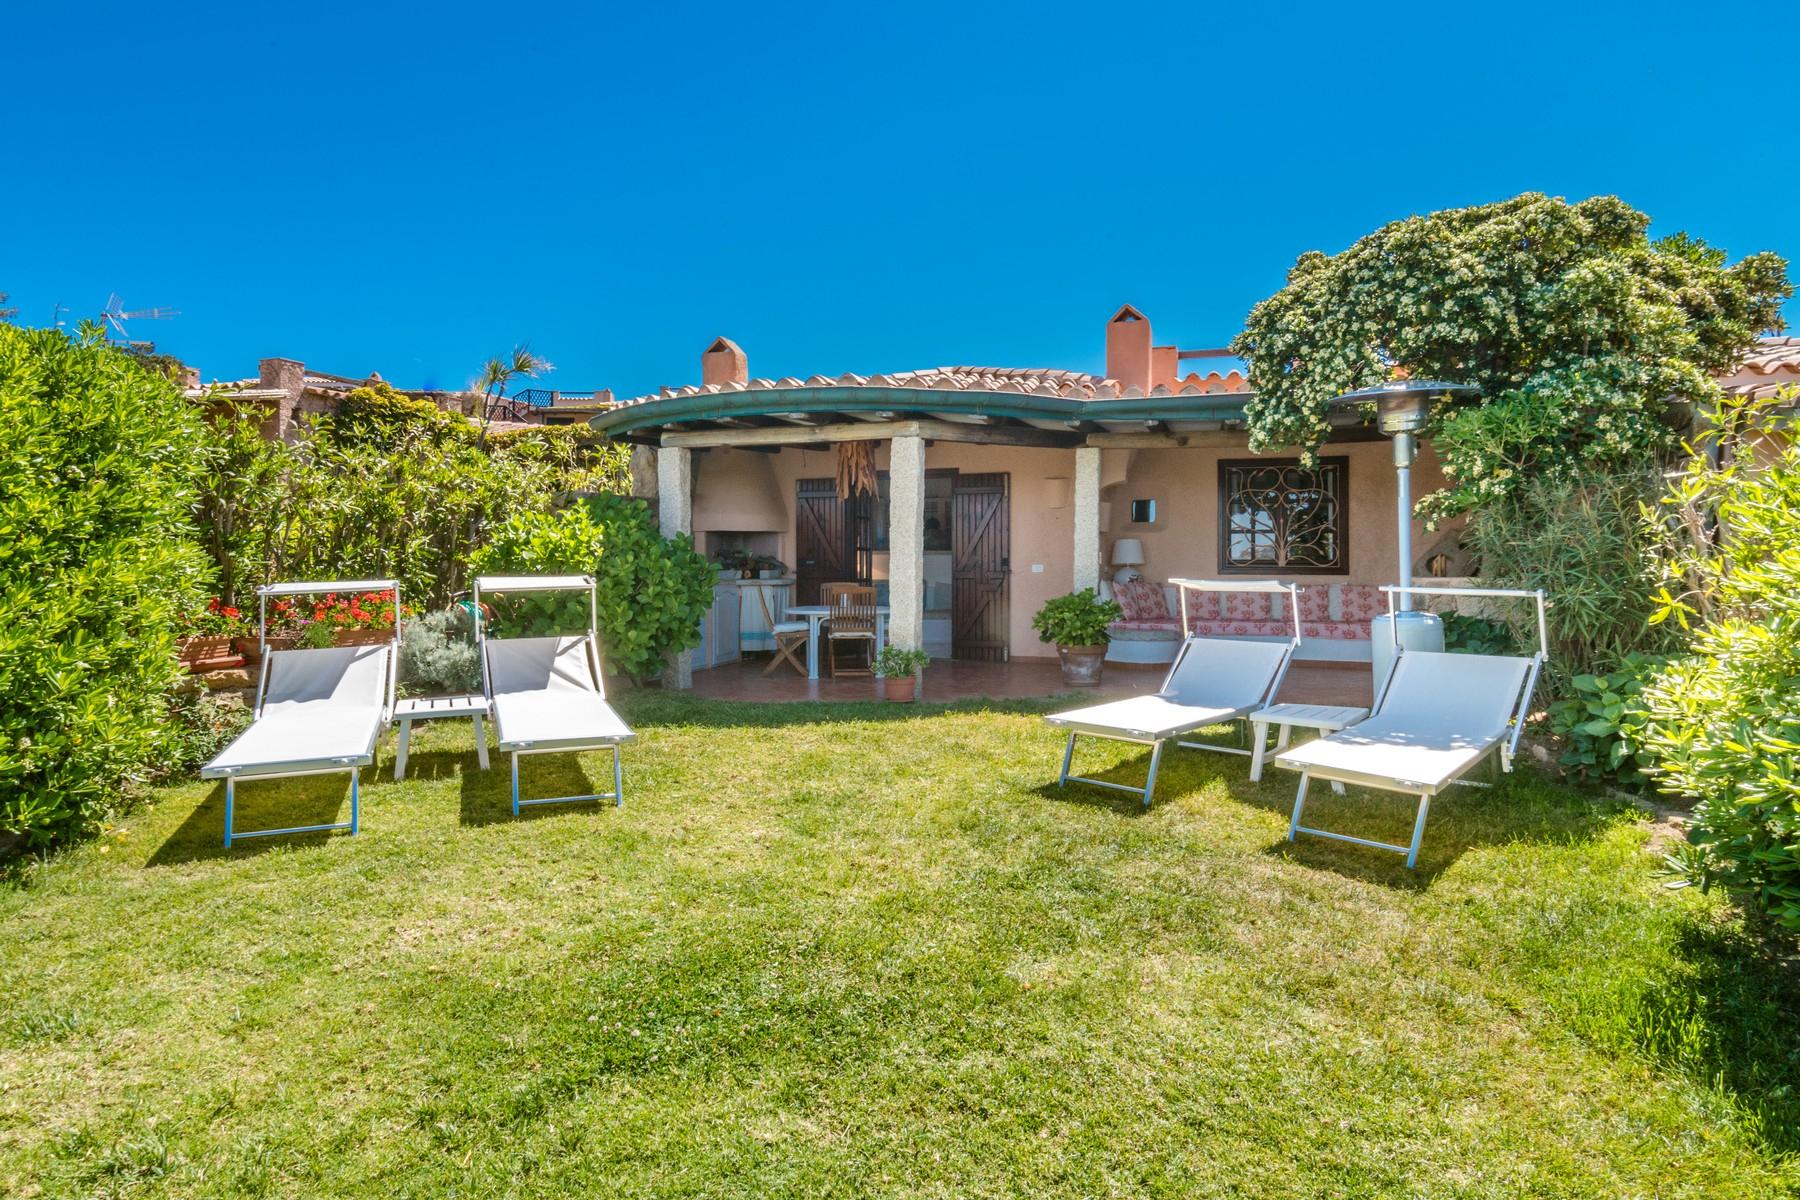 Casa indipendente in Vendita a Arzachena: 4 locali, 60 mq - Foto 2